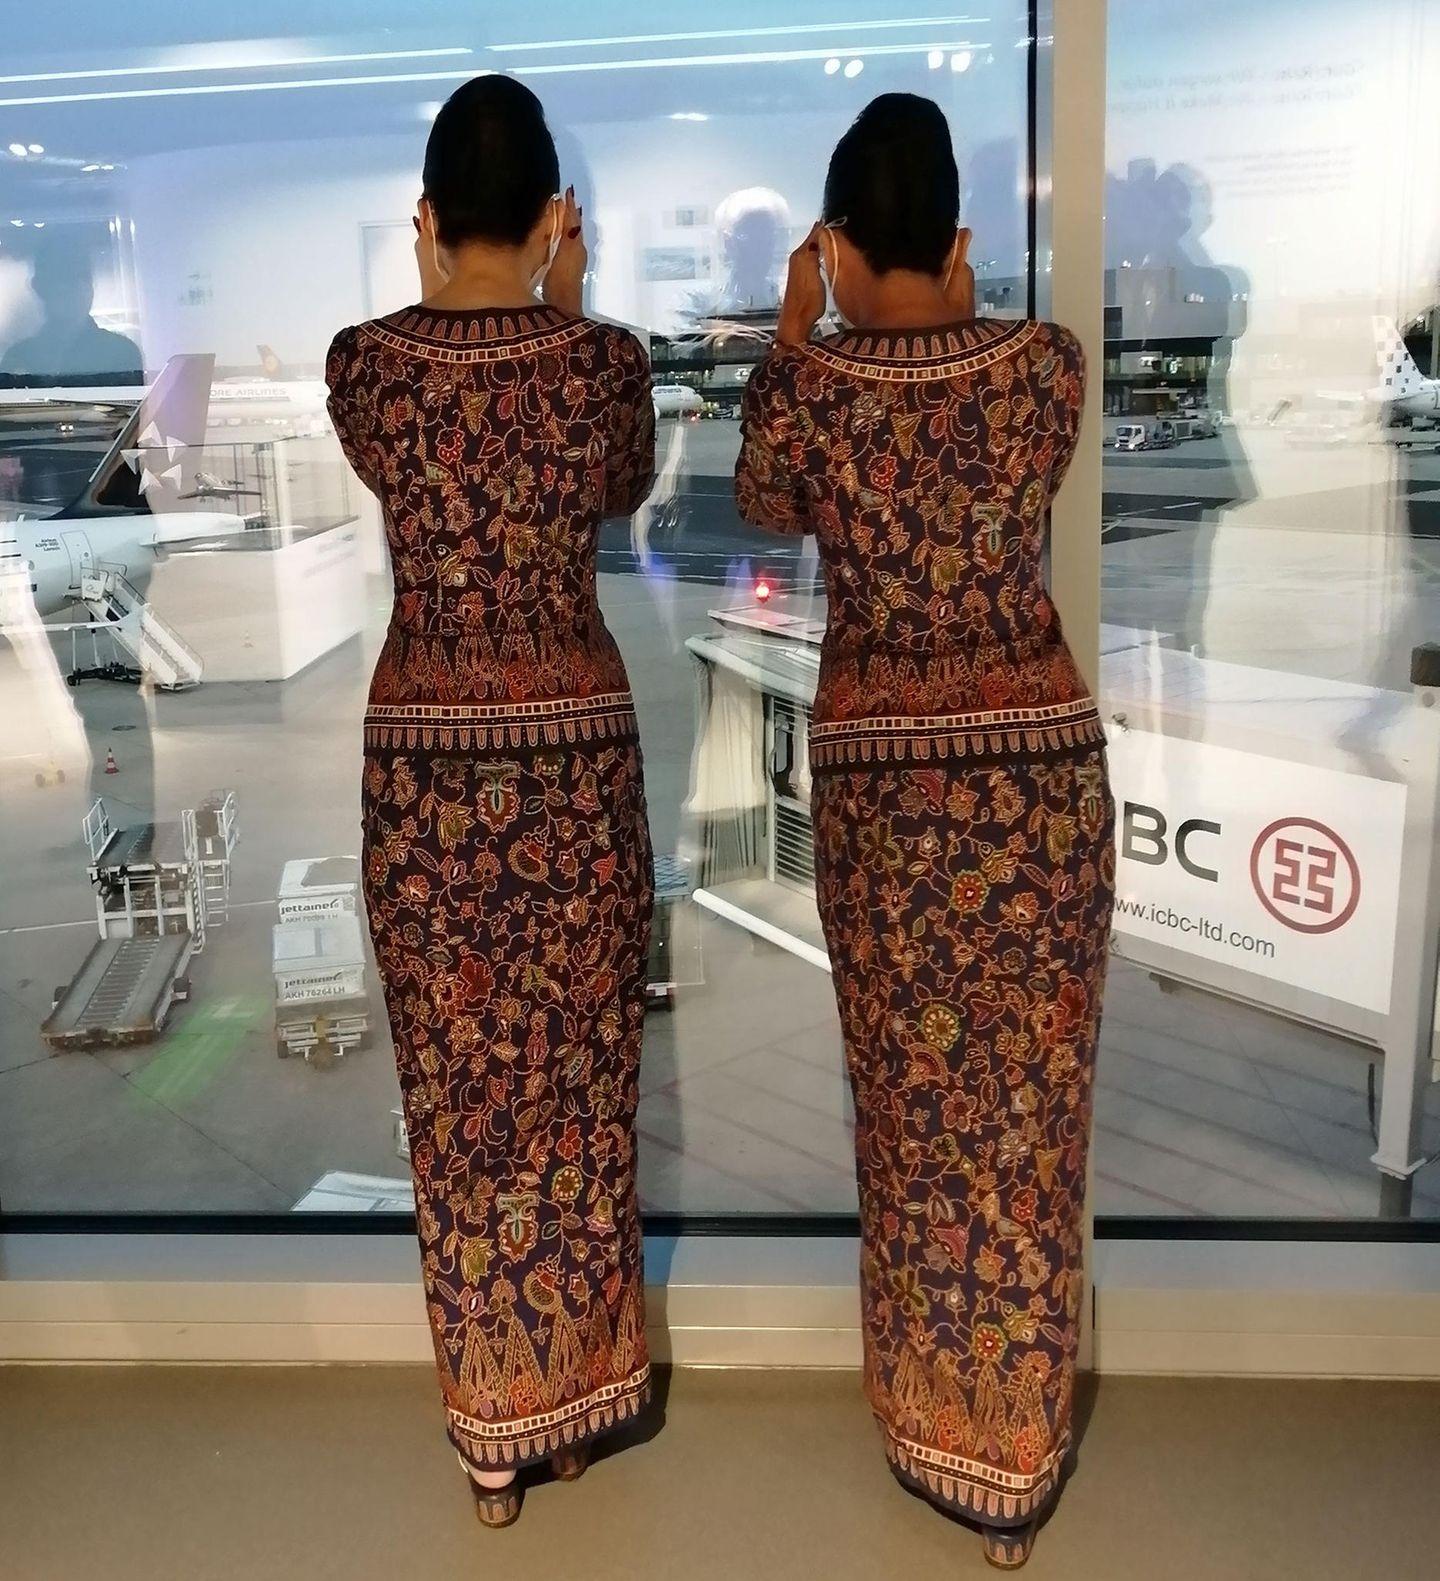 Am Frankfurter Flughafen: Zwei Flugbeleiterinnen beobachten gespannt die Ankunft der Boeing 777 für den Flug nachSingapur.